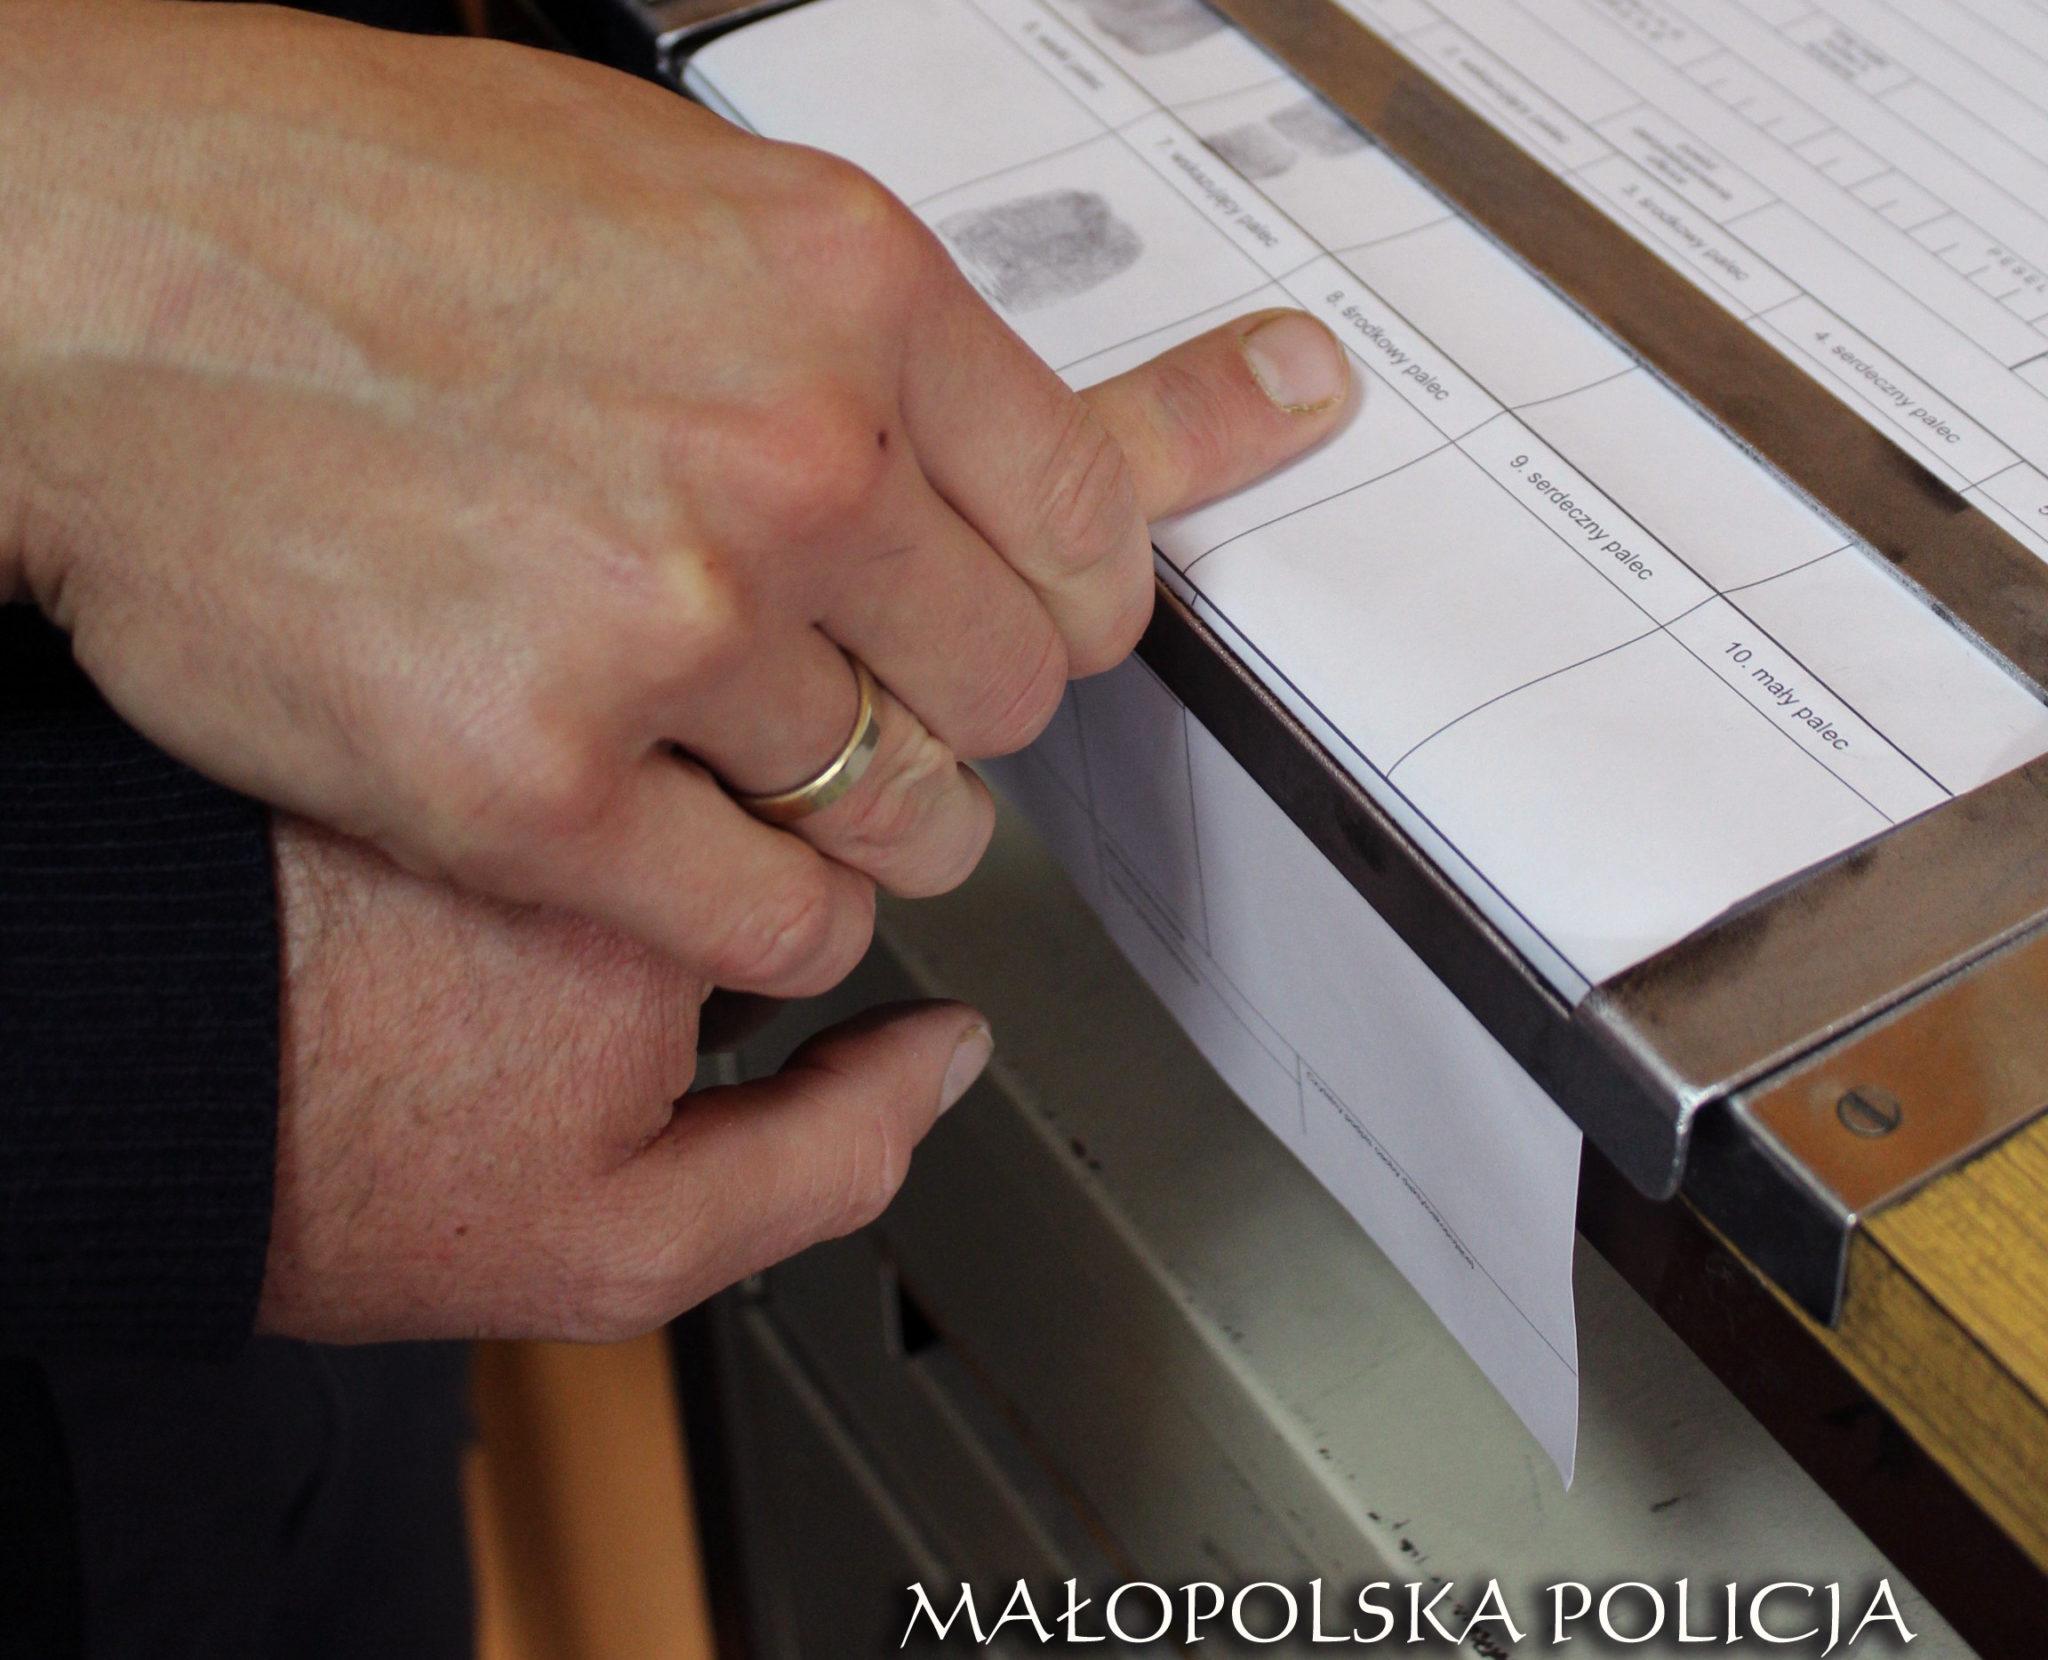 Kęty - Poszukiwany próbował uciec przez okno i wpadł wprost w ręce policjantów